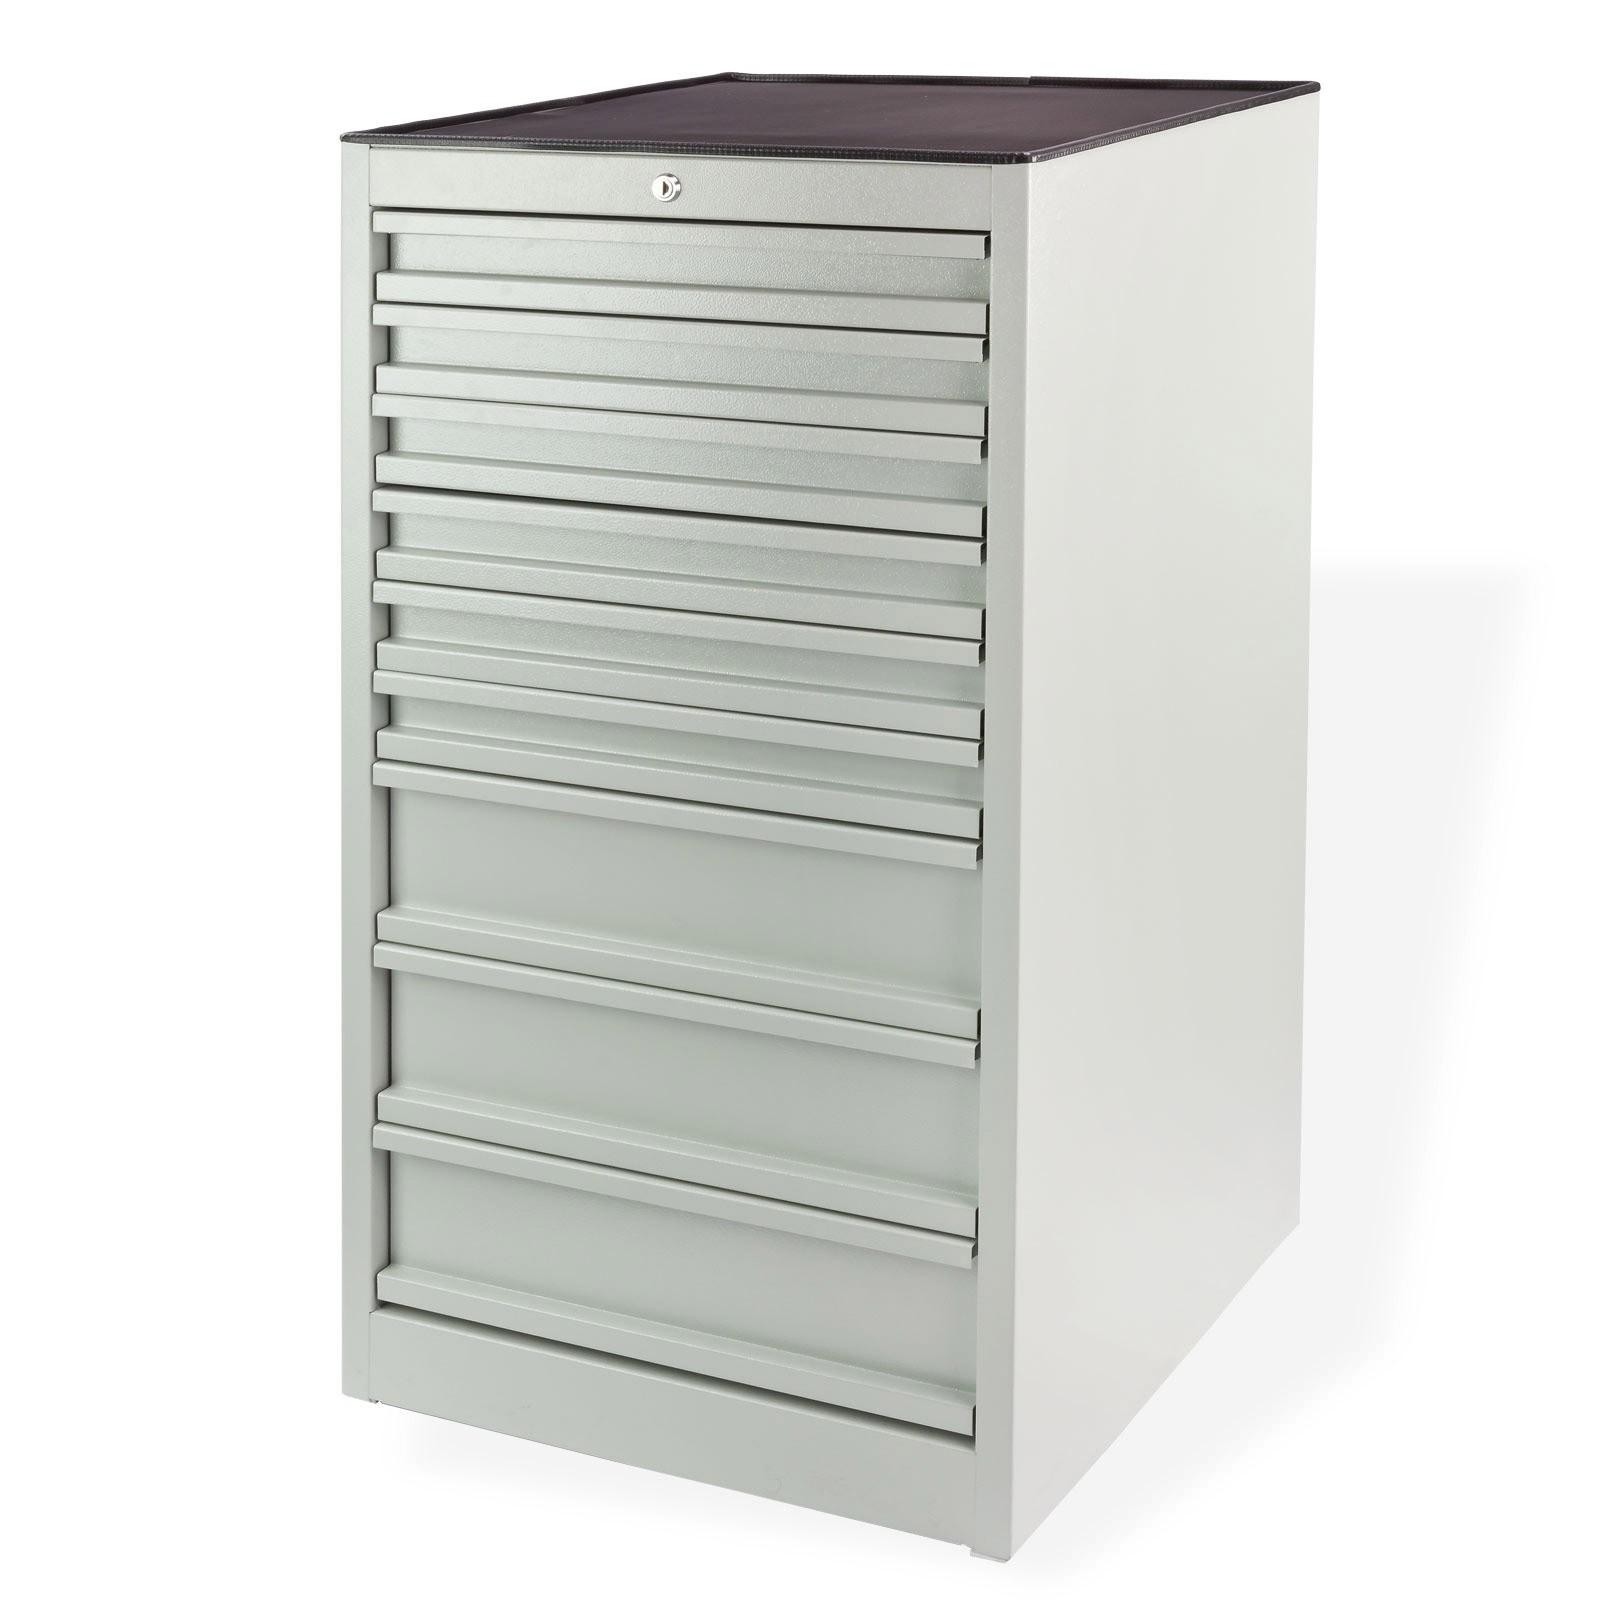 schubladenschrank werkstattschrank mit 9 schubladen lichgrau 60 x 63 x 111 cm. Black Bedroom Furniture Sets. Home Design Ideas